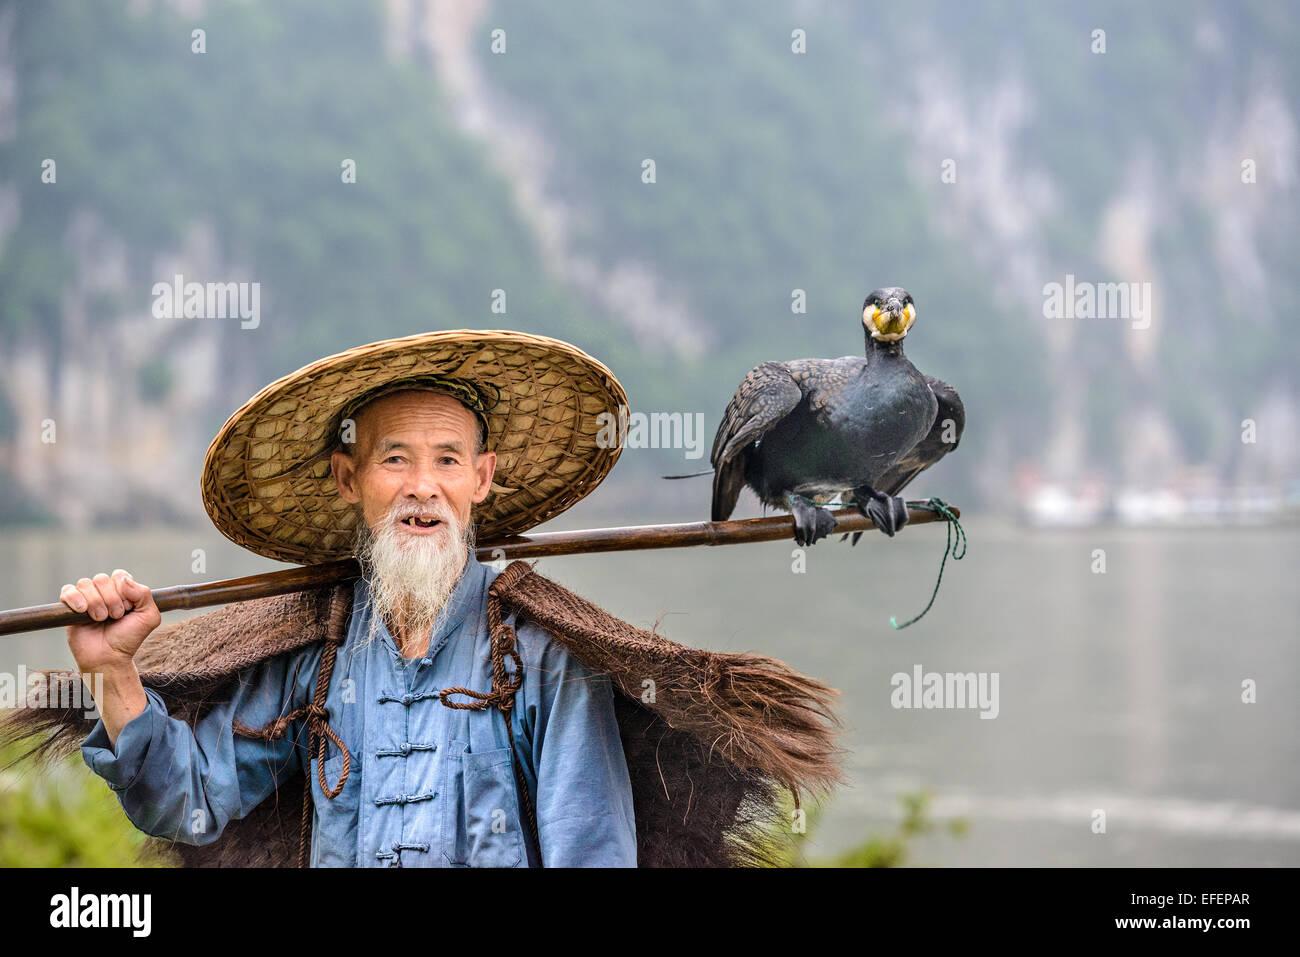 Kormoran Fischer und seinem Vogel auf dem Li-Fluss in Yangshuo, Guangxi, China. Stockbild